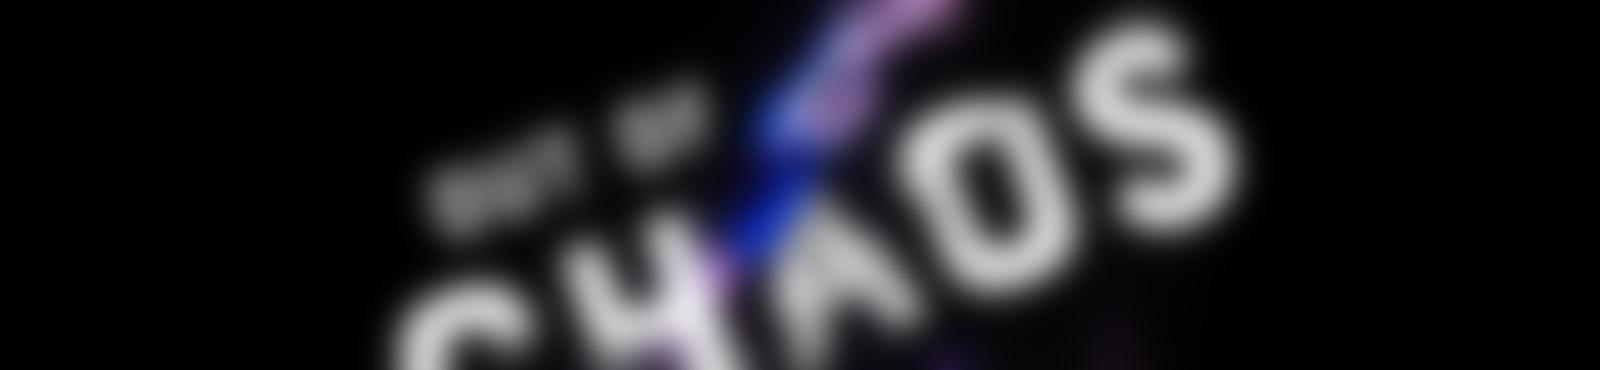 Blurred 132f1977 41f1 437f a7b9 54b23c82cf2d